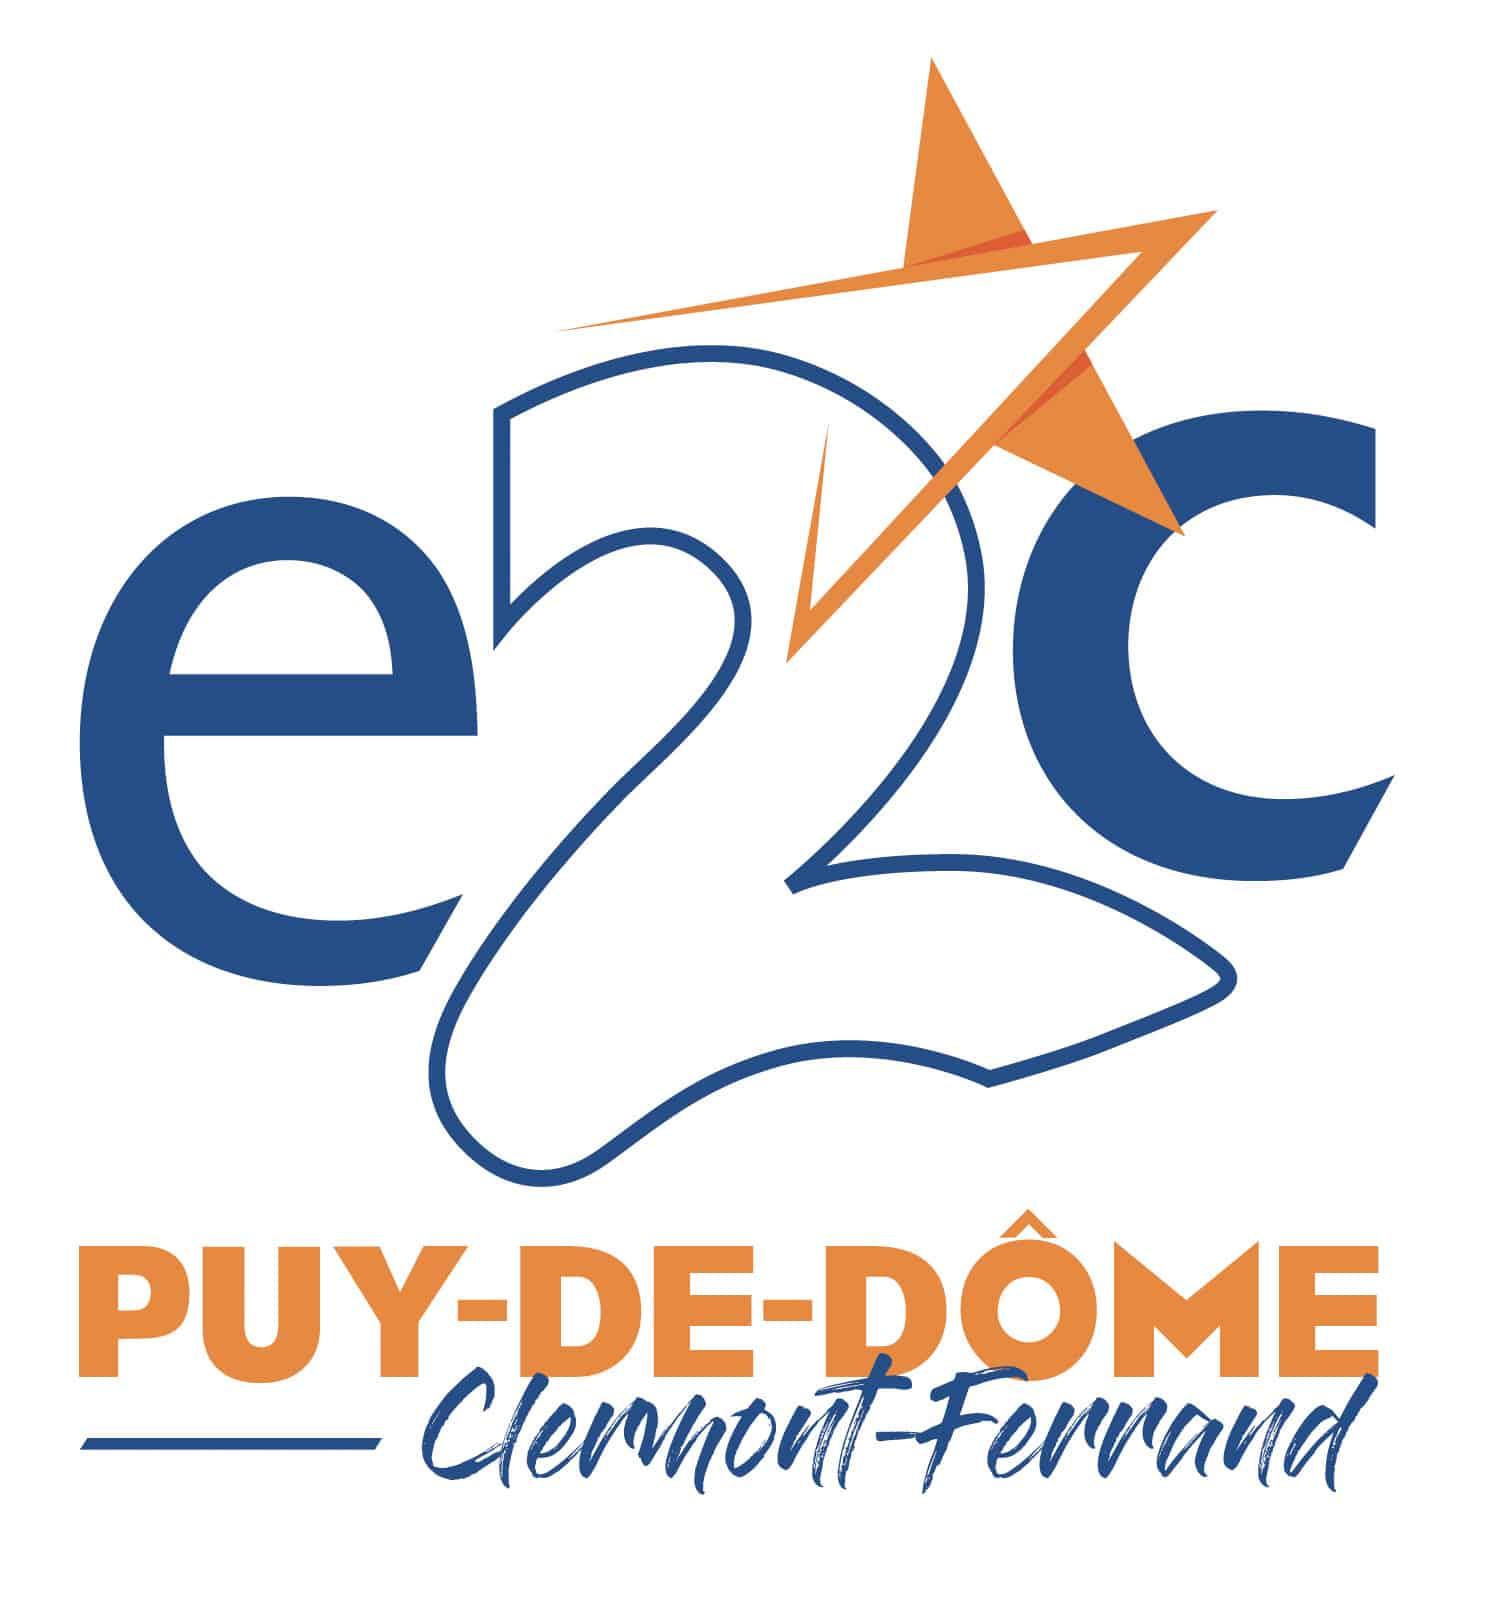 E2C PUY-DE-DÔME